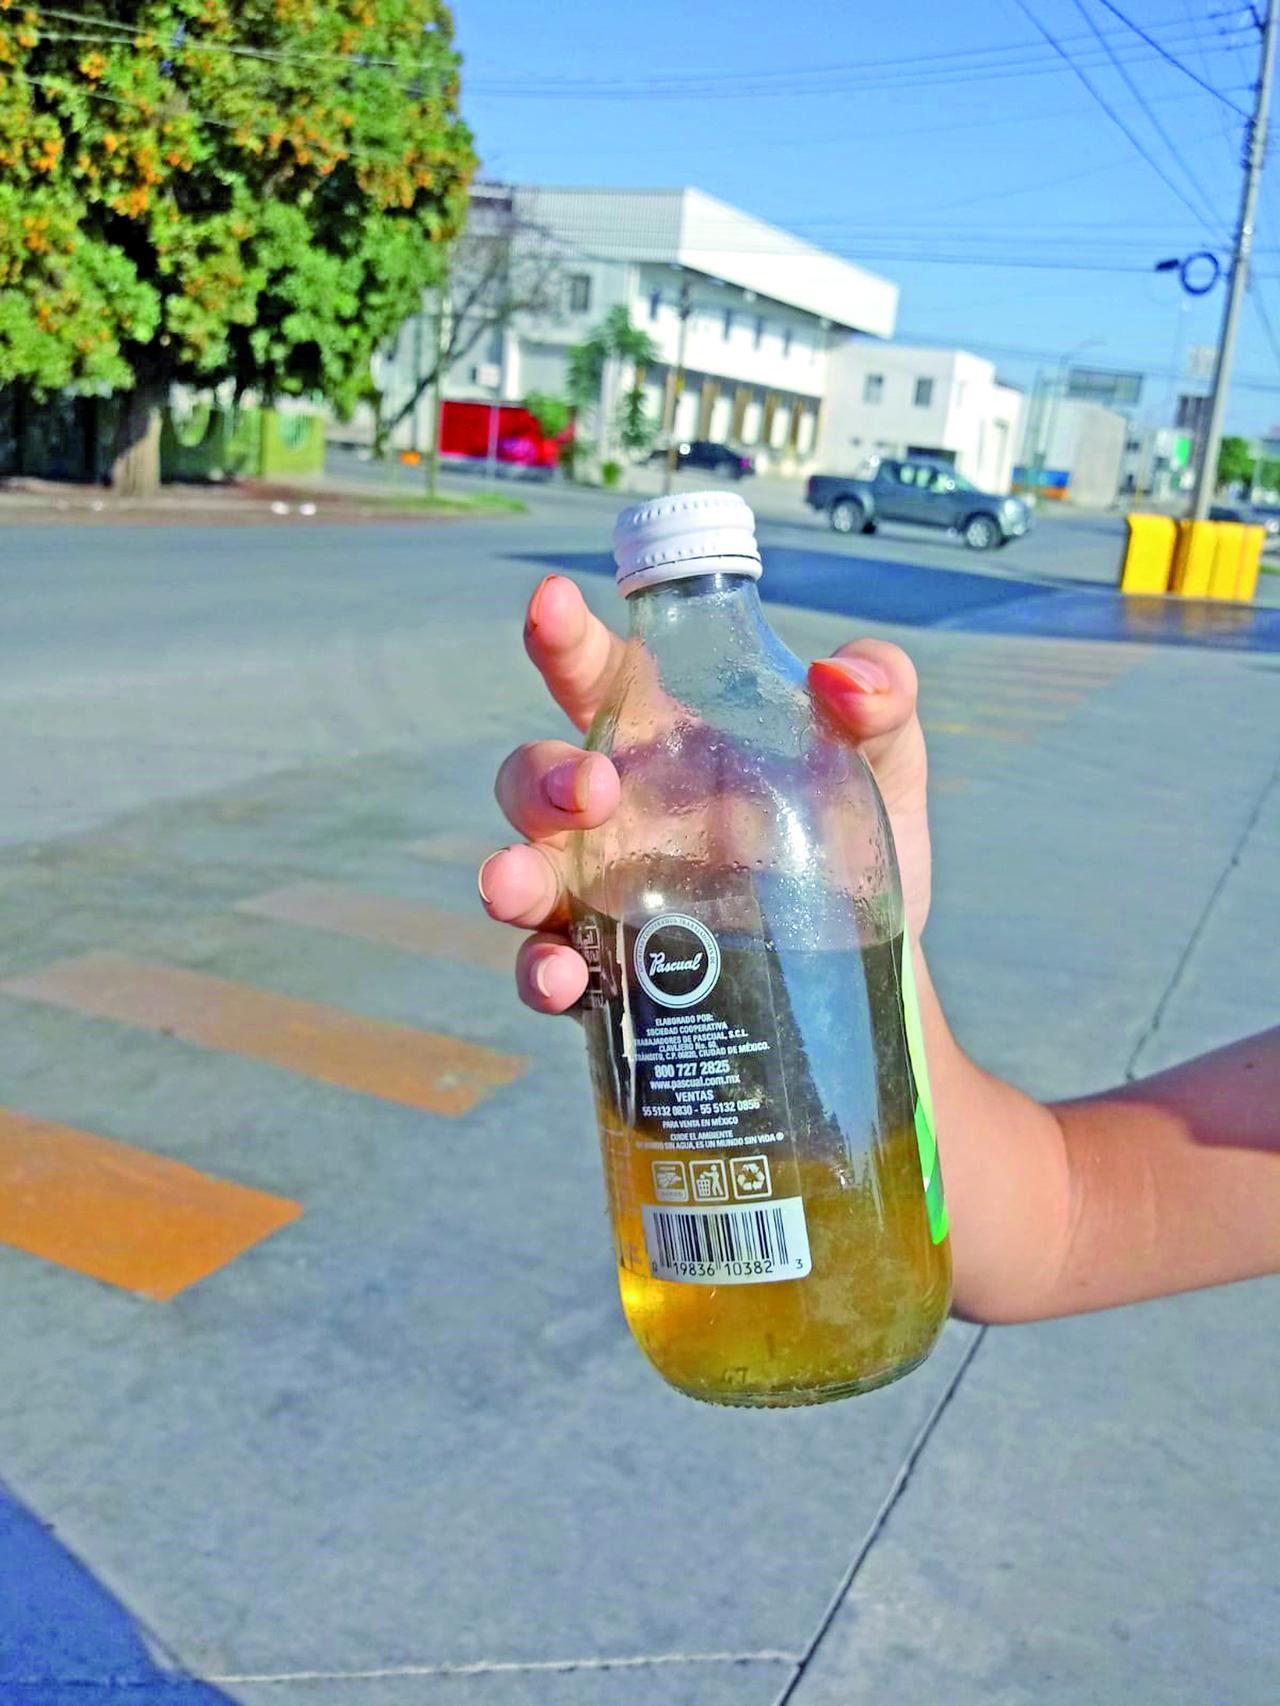 Despachan gasolina contaminada en Gómez Palacio